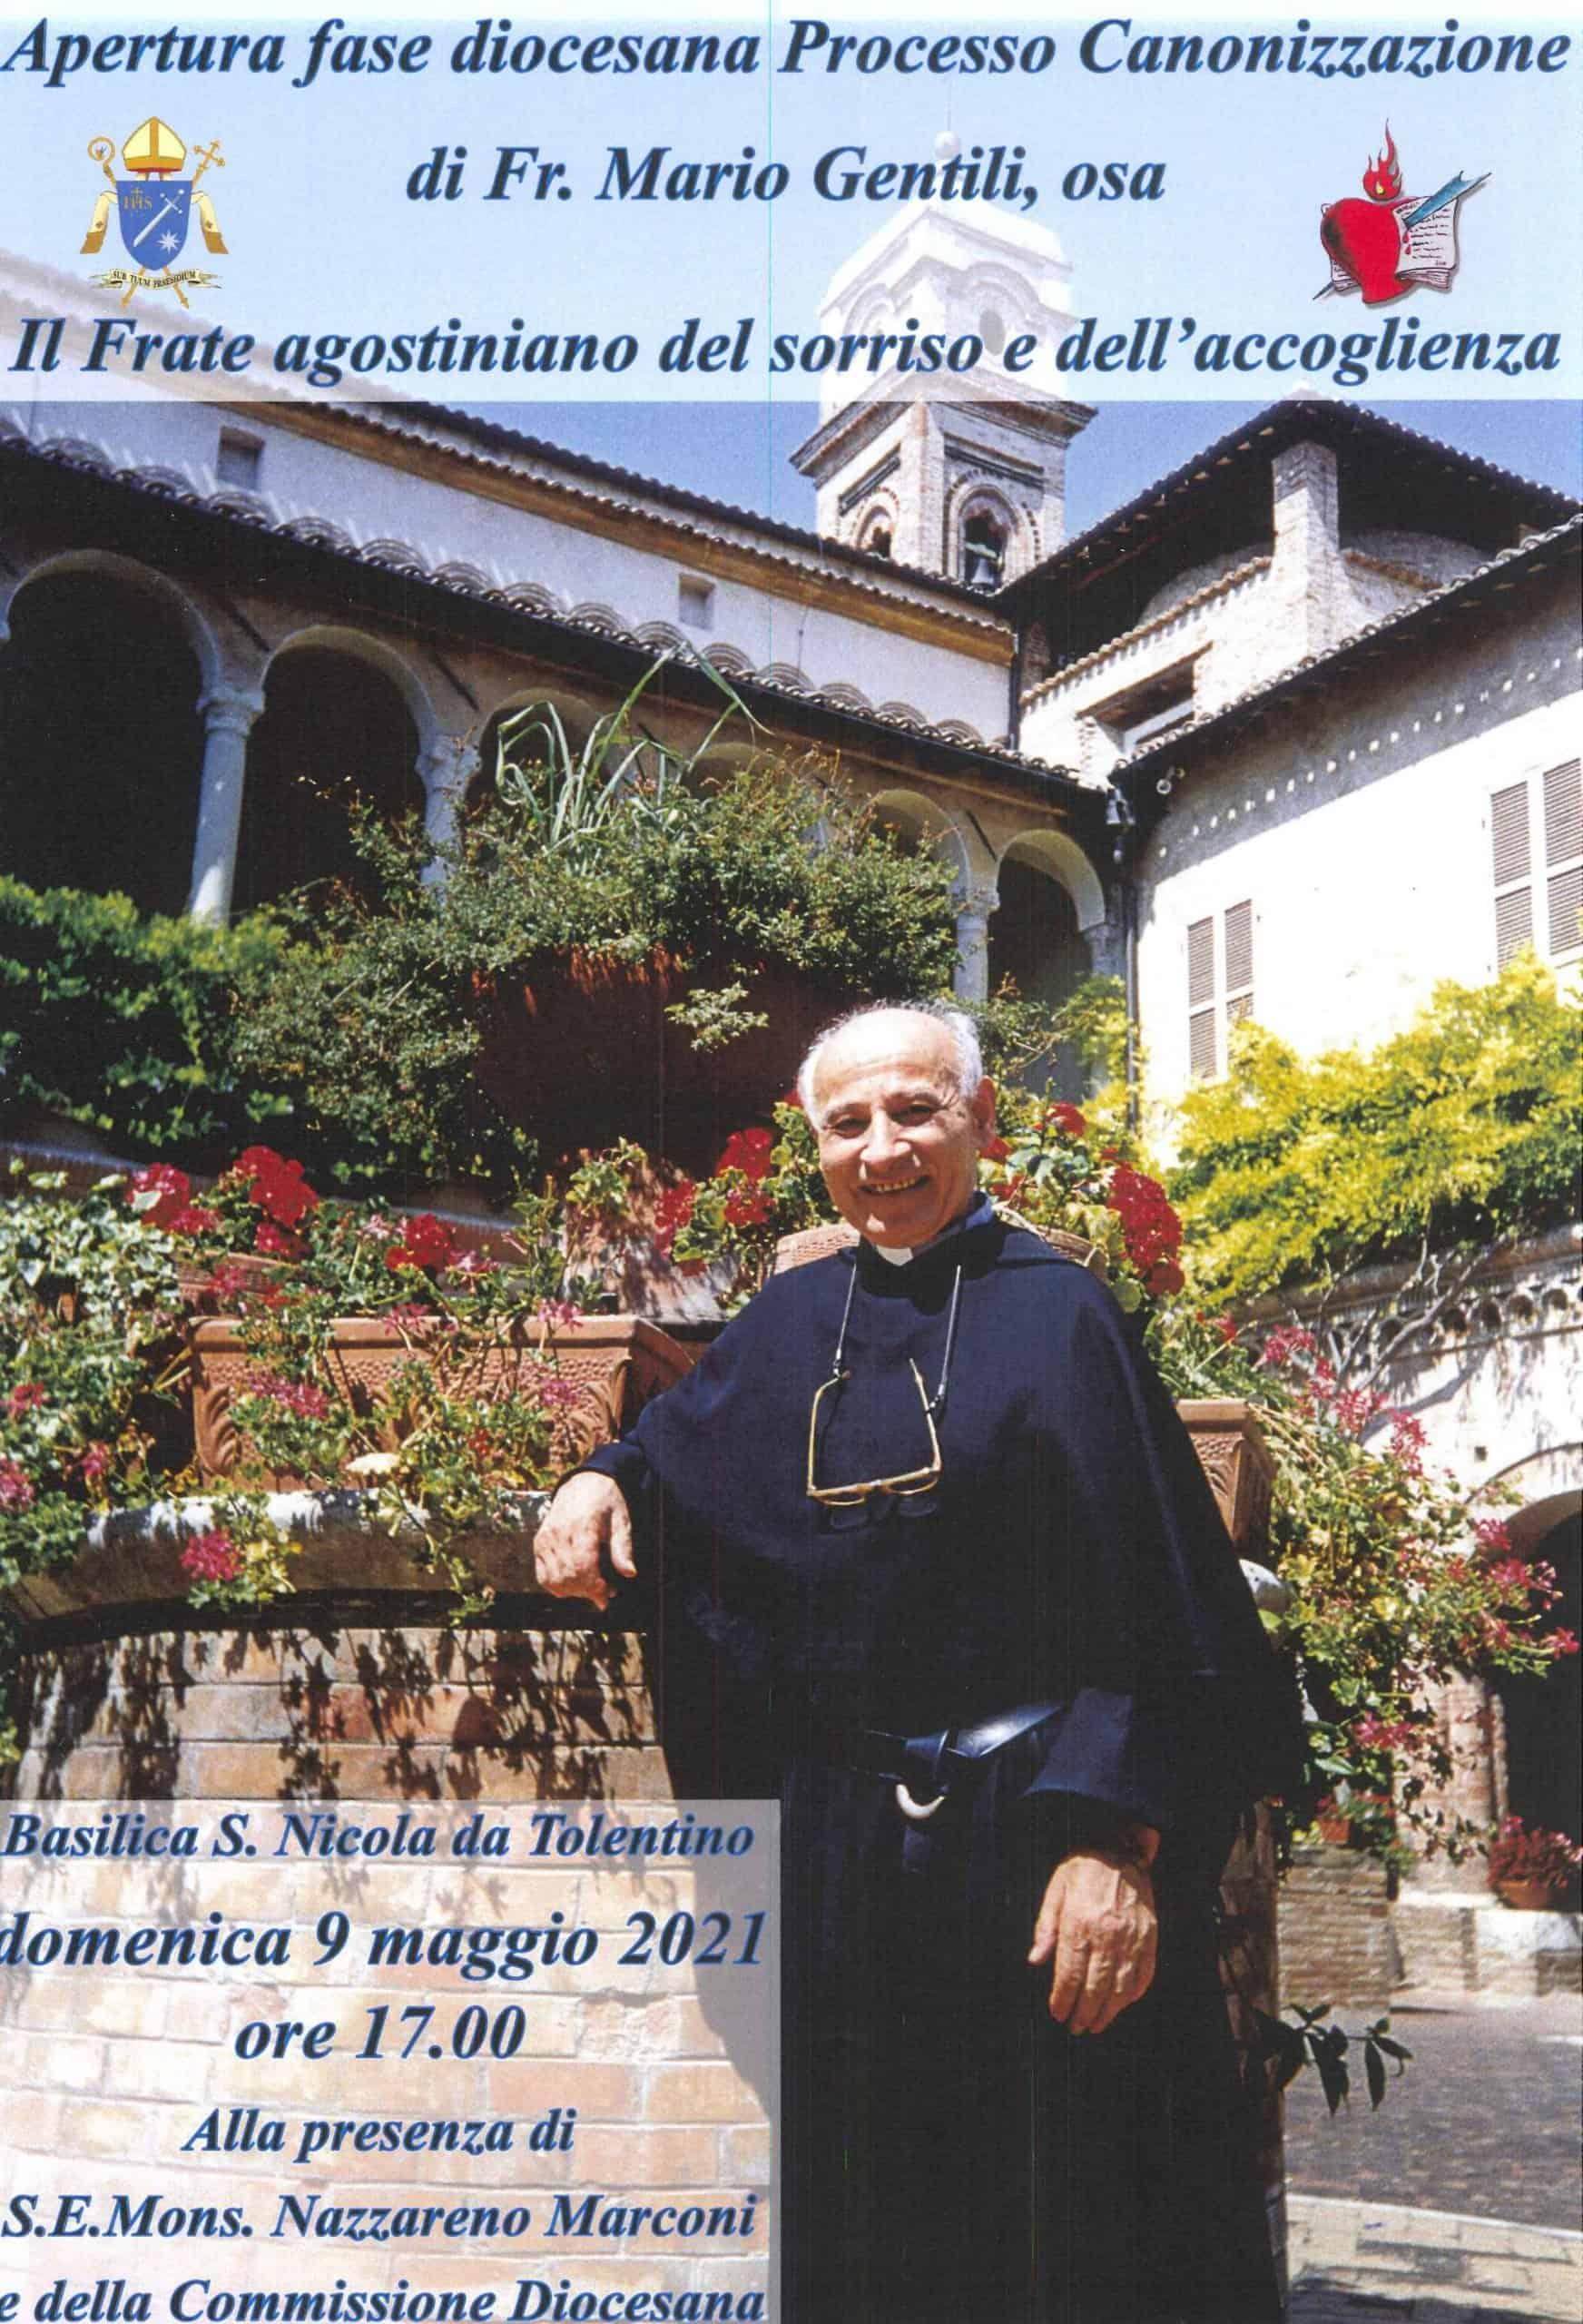 Apertura fase diocesana Processo Canonizzazione di Fr. Mario Gentili